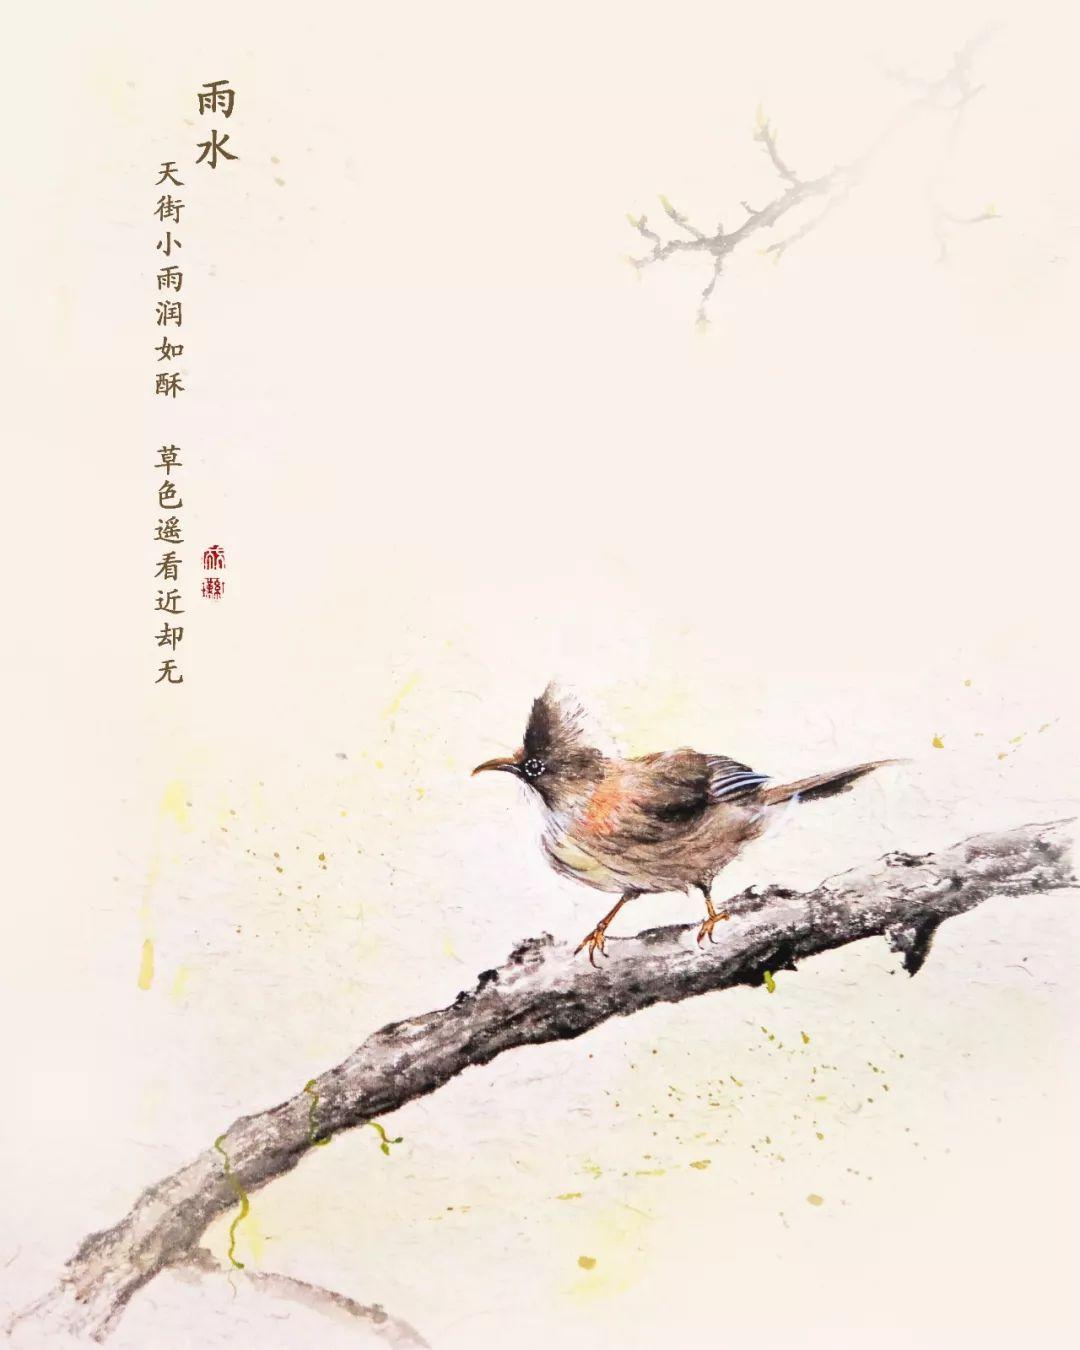 求北京赛车信誉群:谢琰:宋代子部文献中散文研究资料的特点及价值丨【斯文选刊】